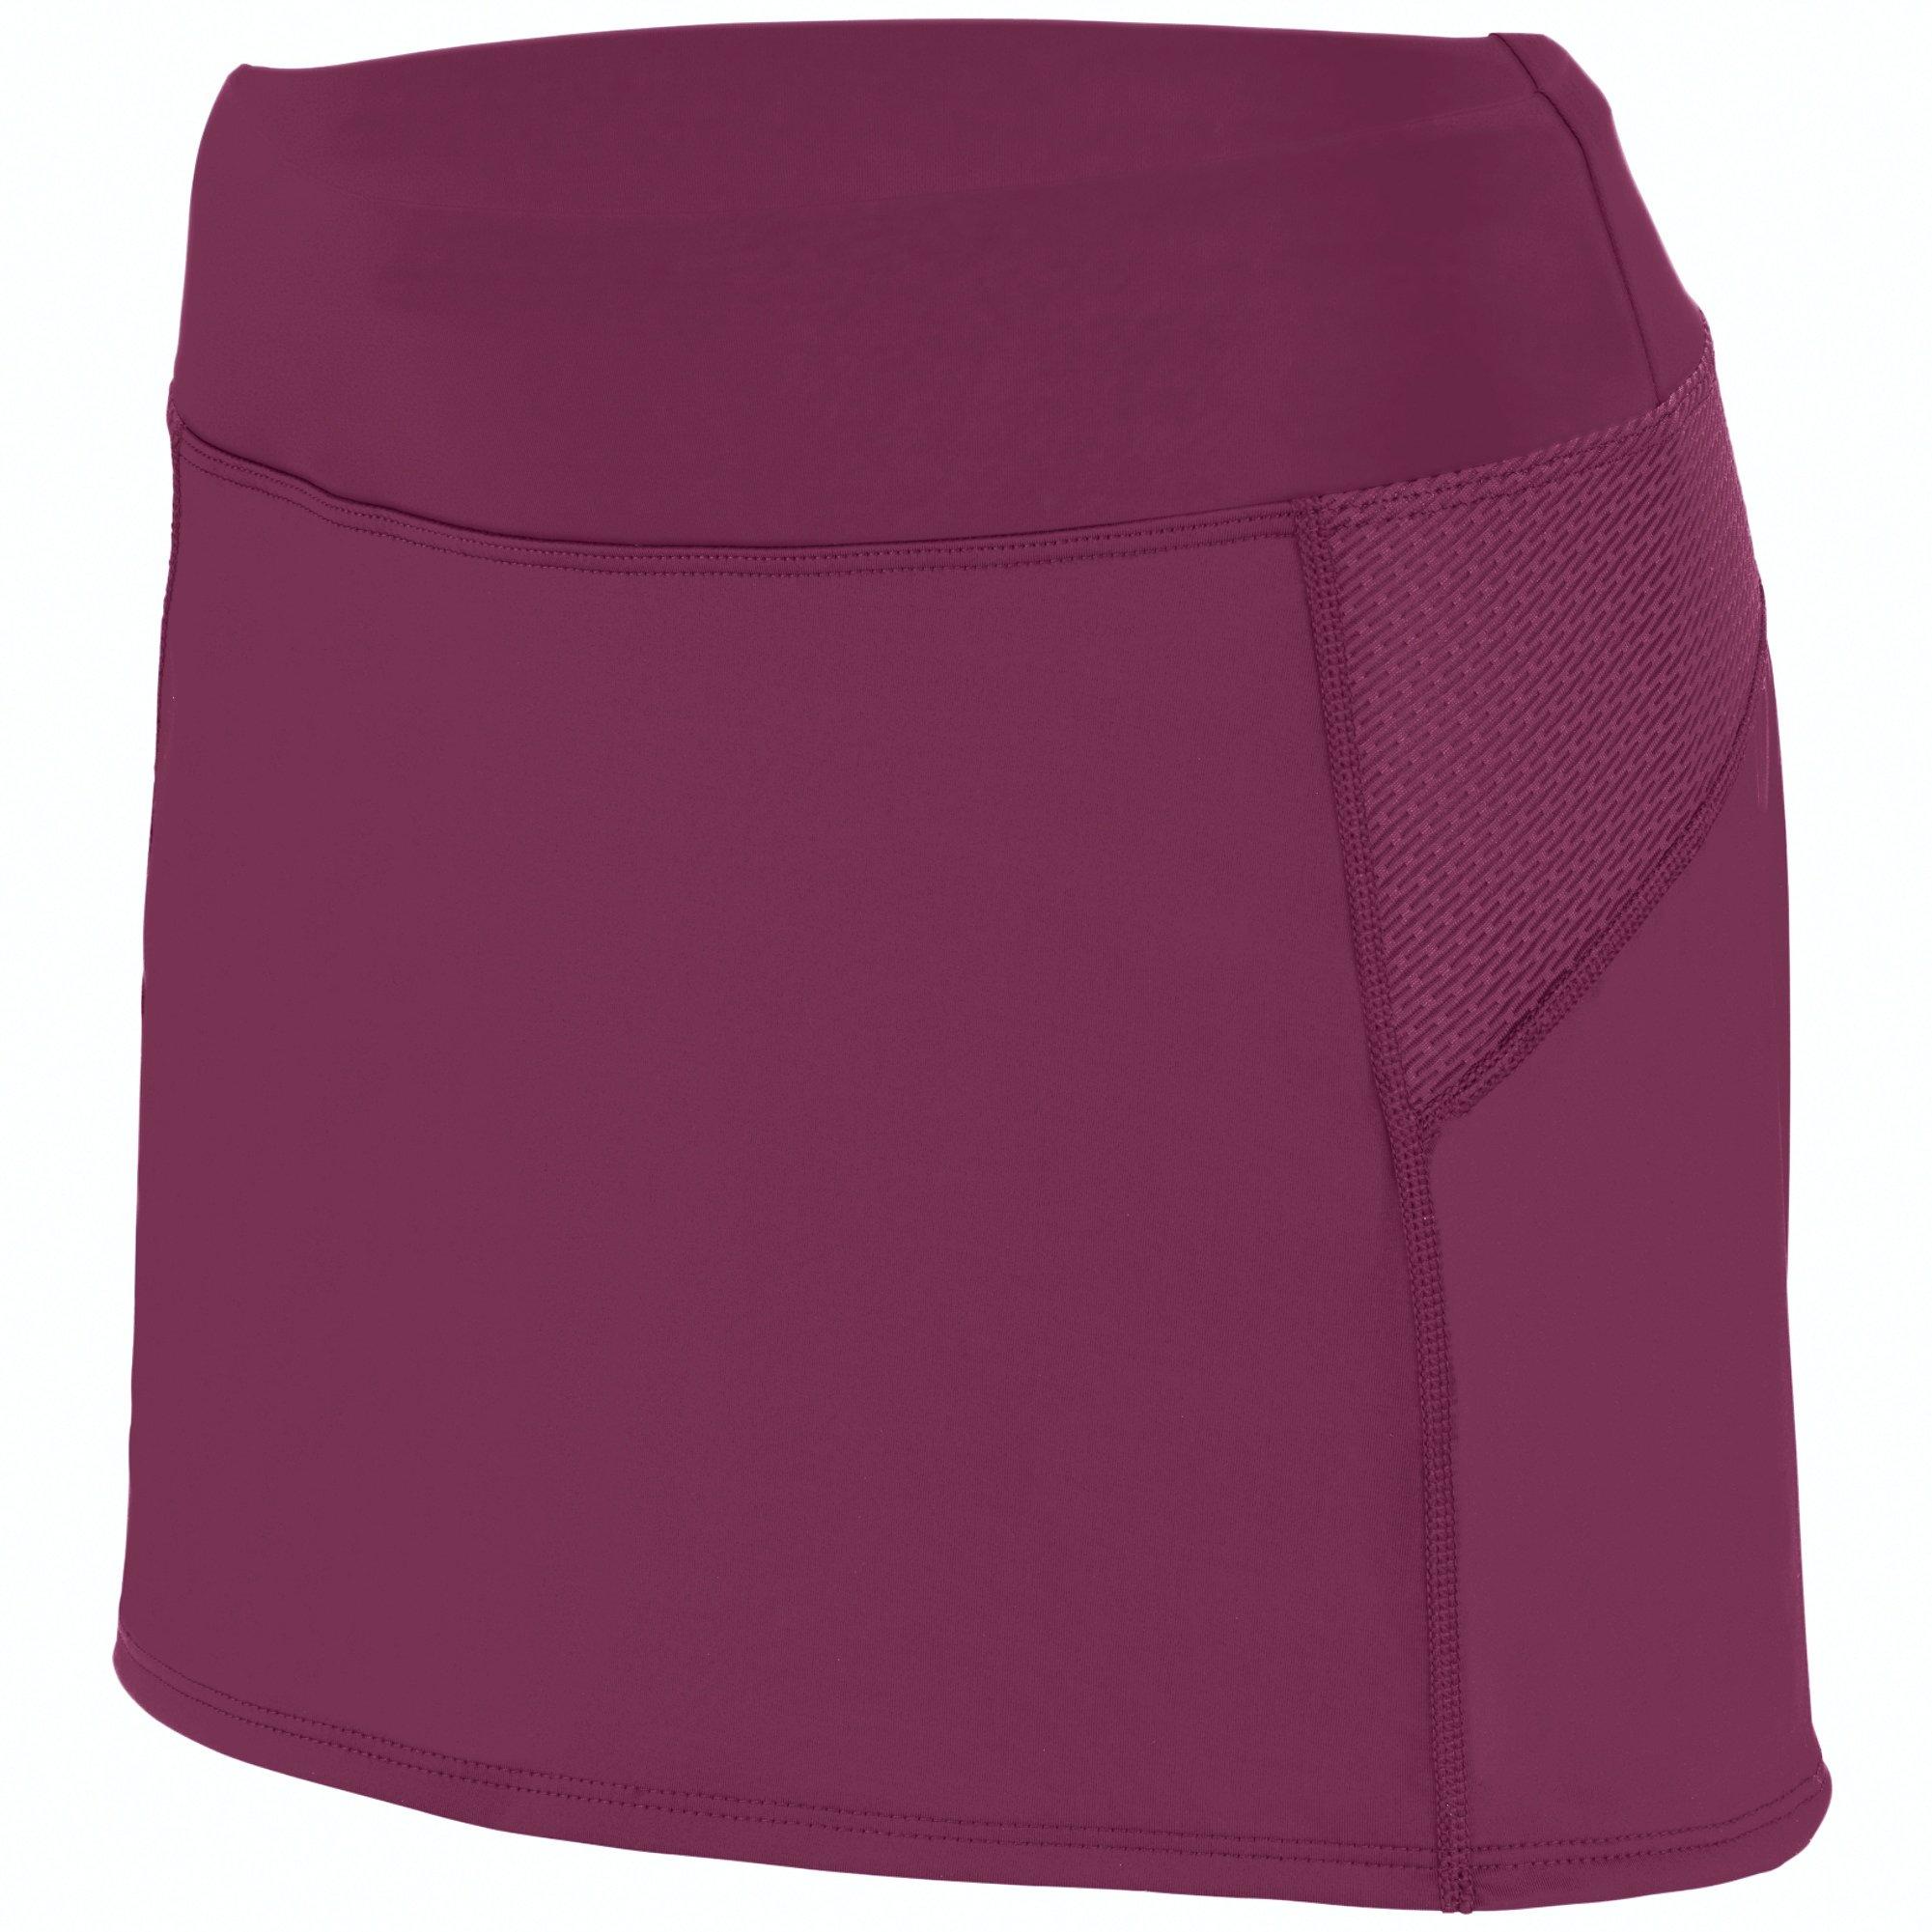 Augusta Sportswear Girls Femfit Skort S Maroon/Graphite by Augusta Sportswear